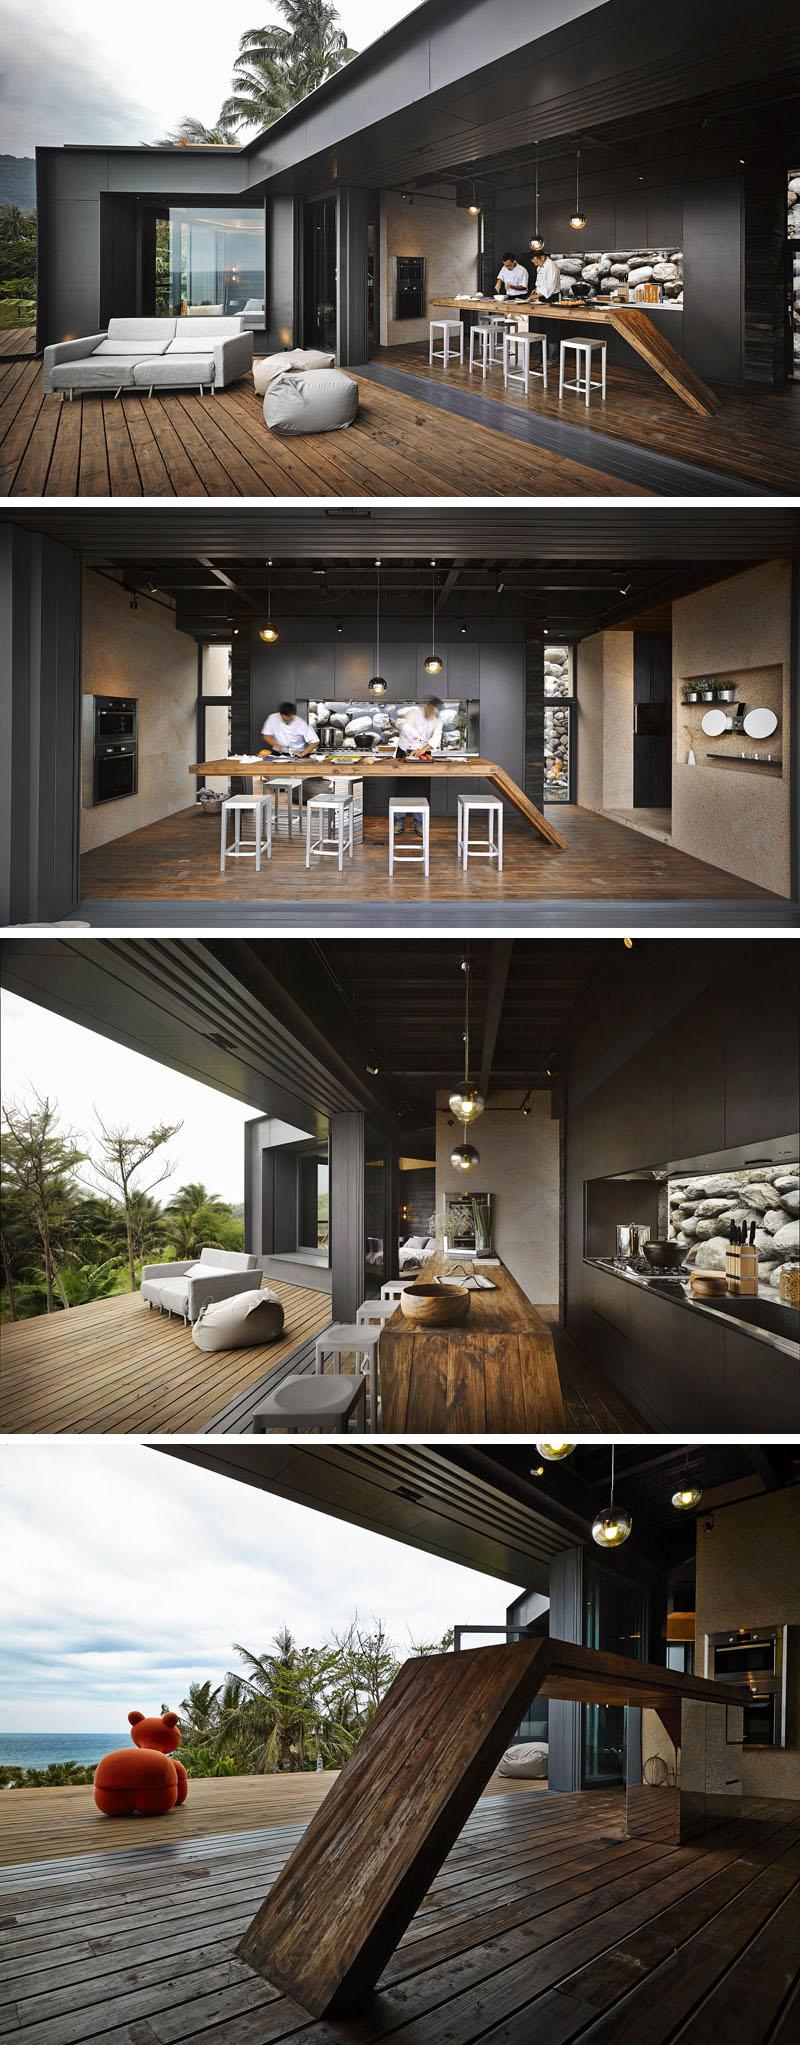 Nhà đẹp nước ngoài - A'tolan house 6